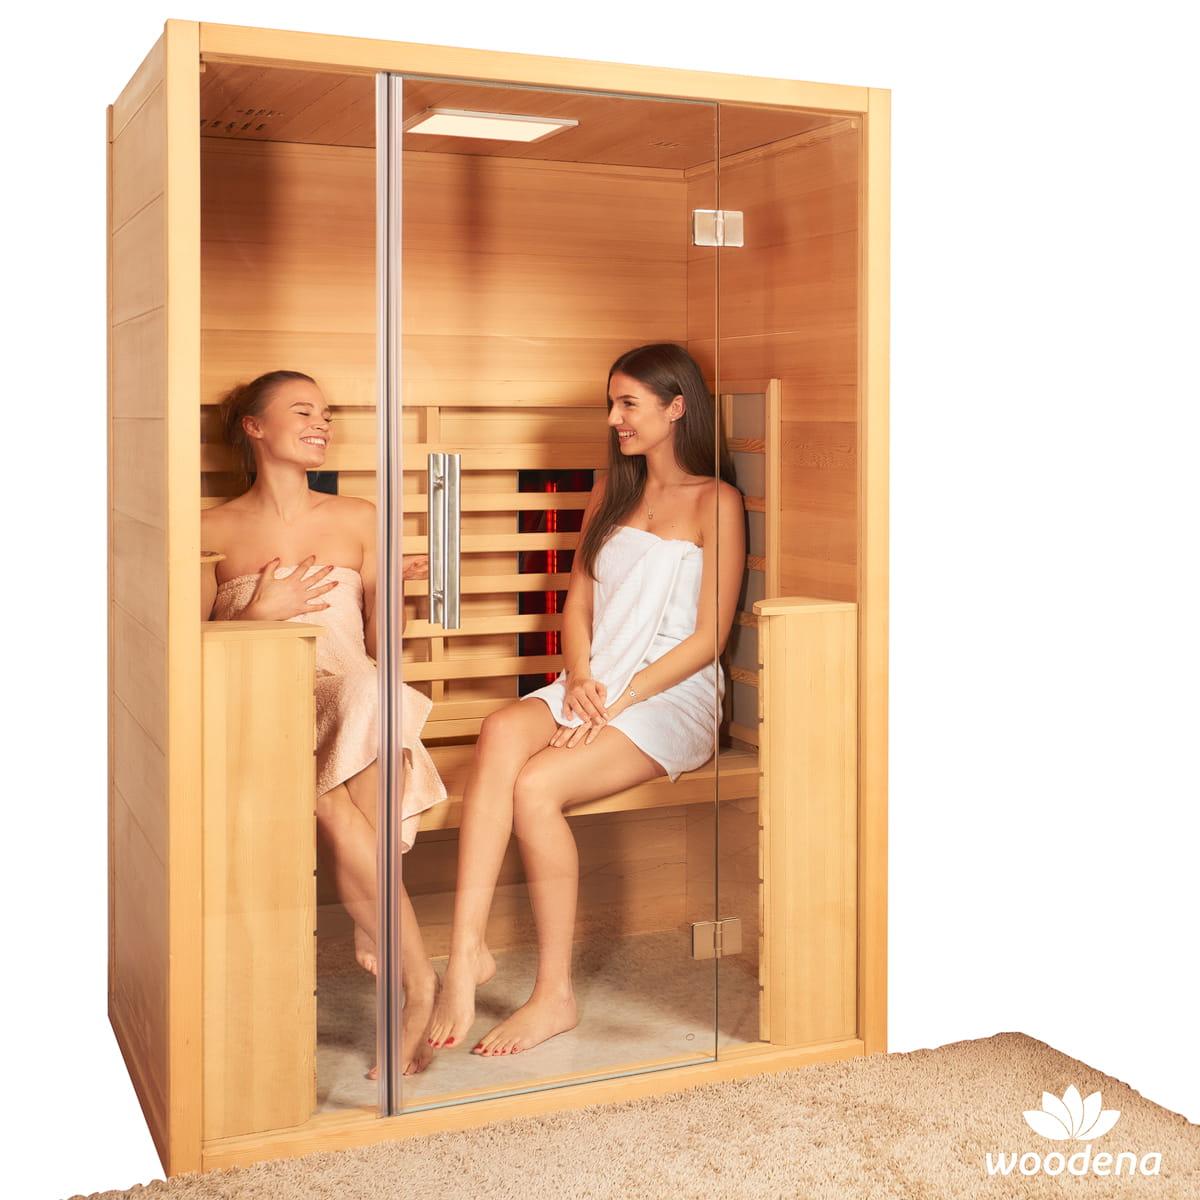 whirlpool-center-infrarotkabinen-woodena-sana-sense-2-model-mood-inside-smile